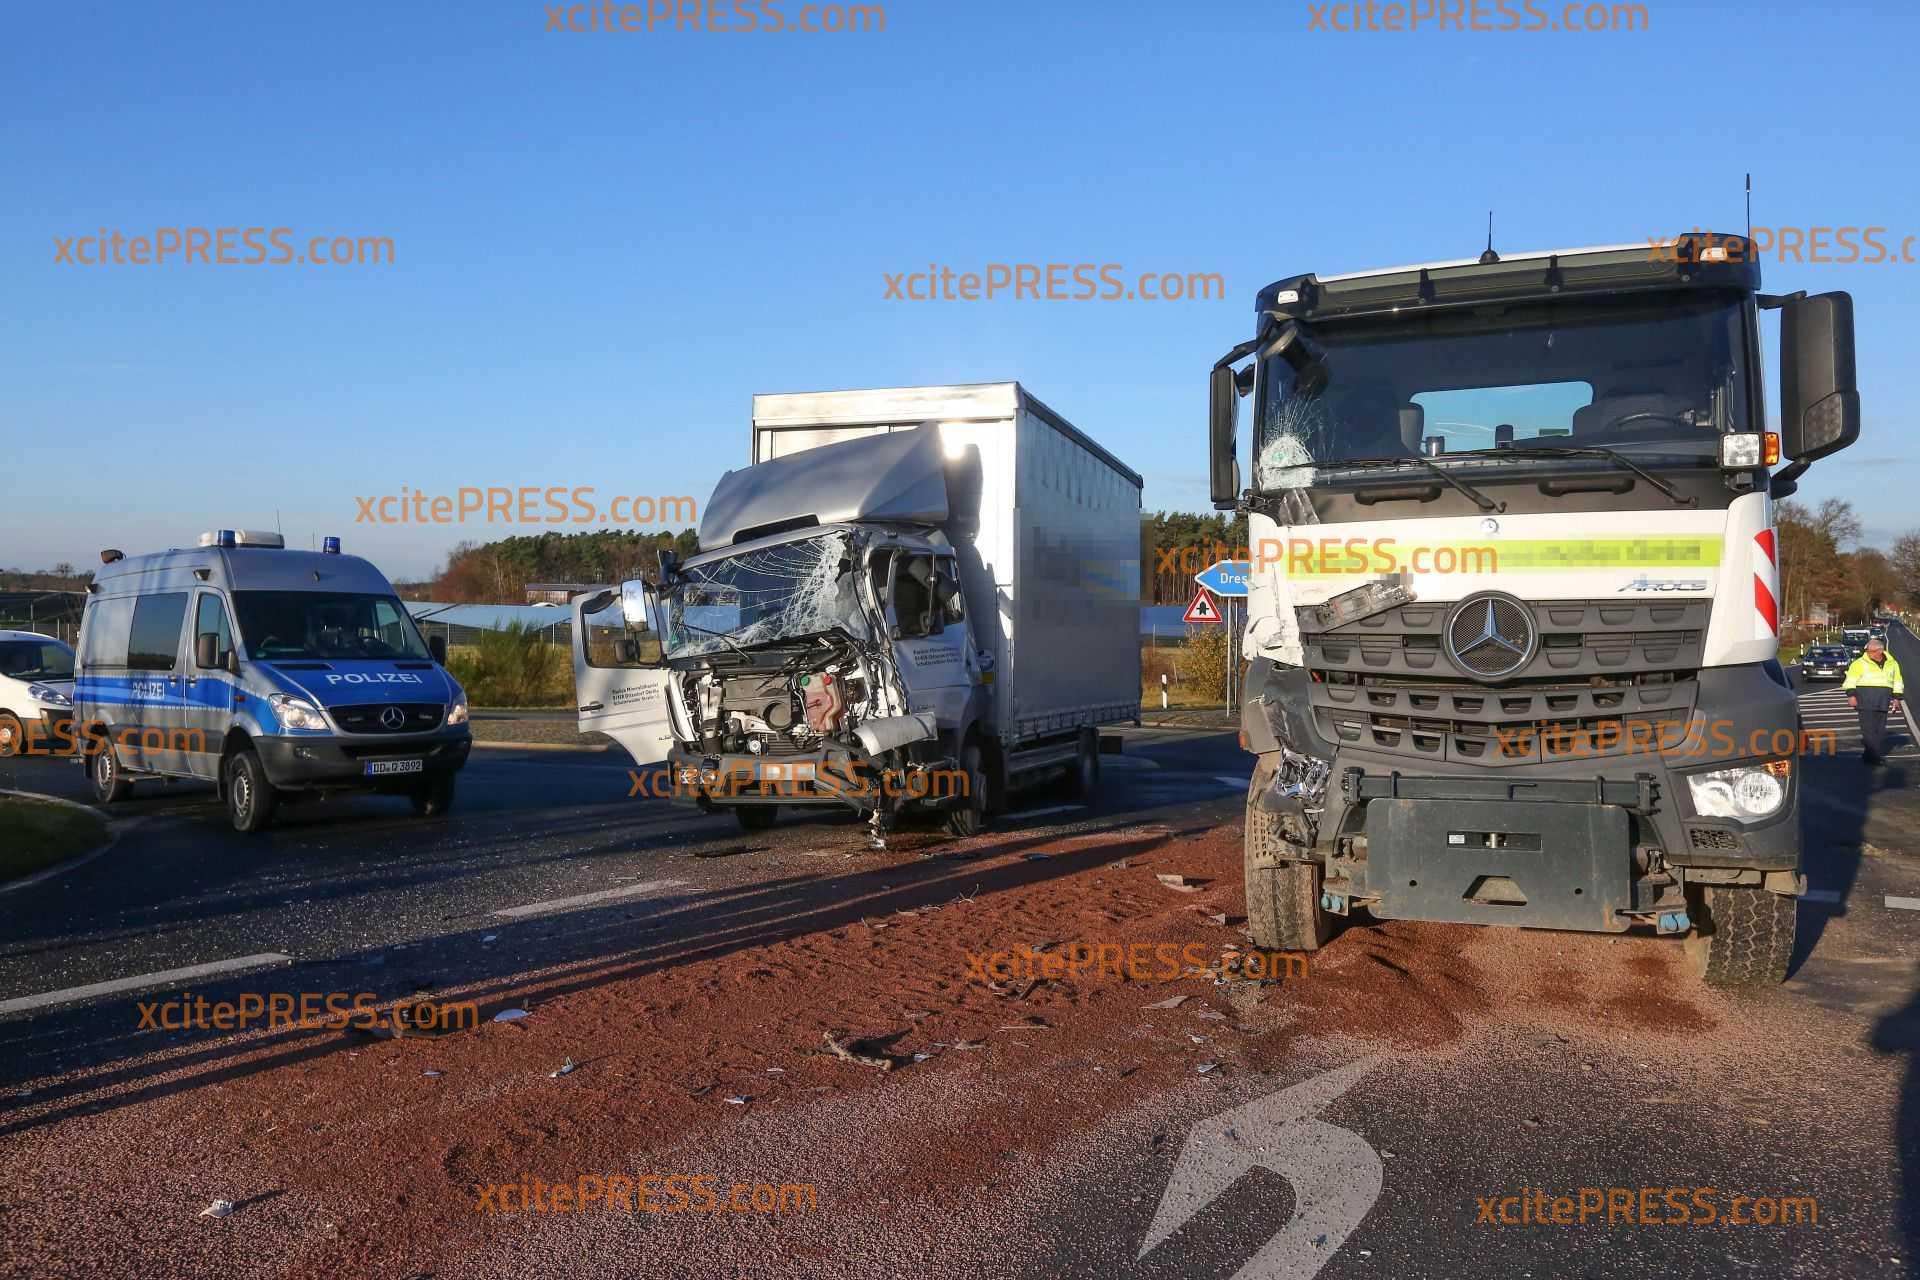 LKW kollidieren an Autobahnauffahrt: 1 Verletzter